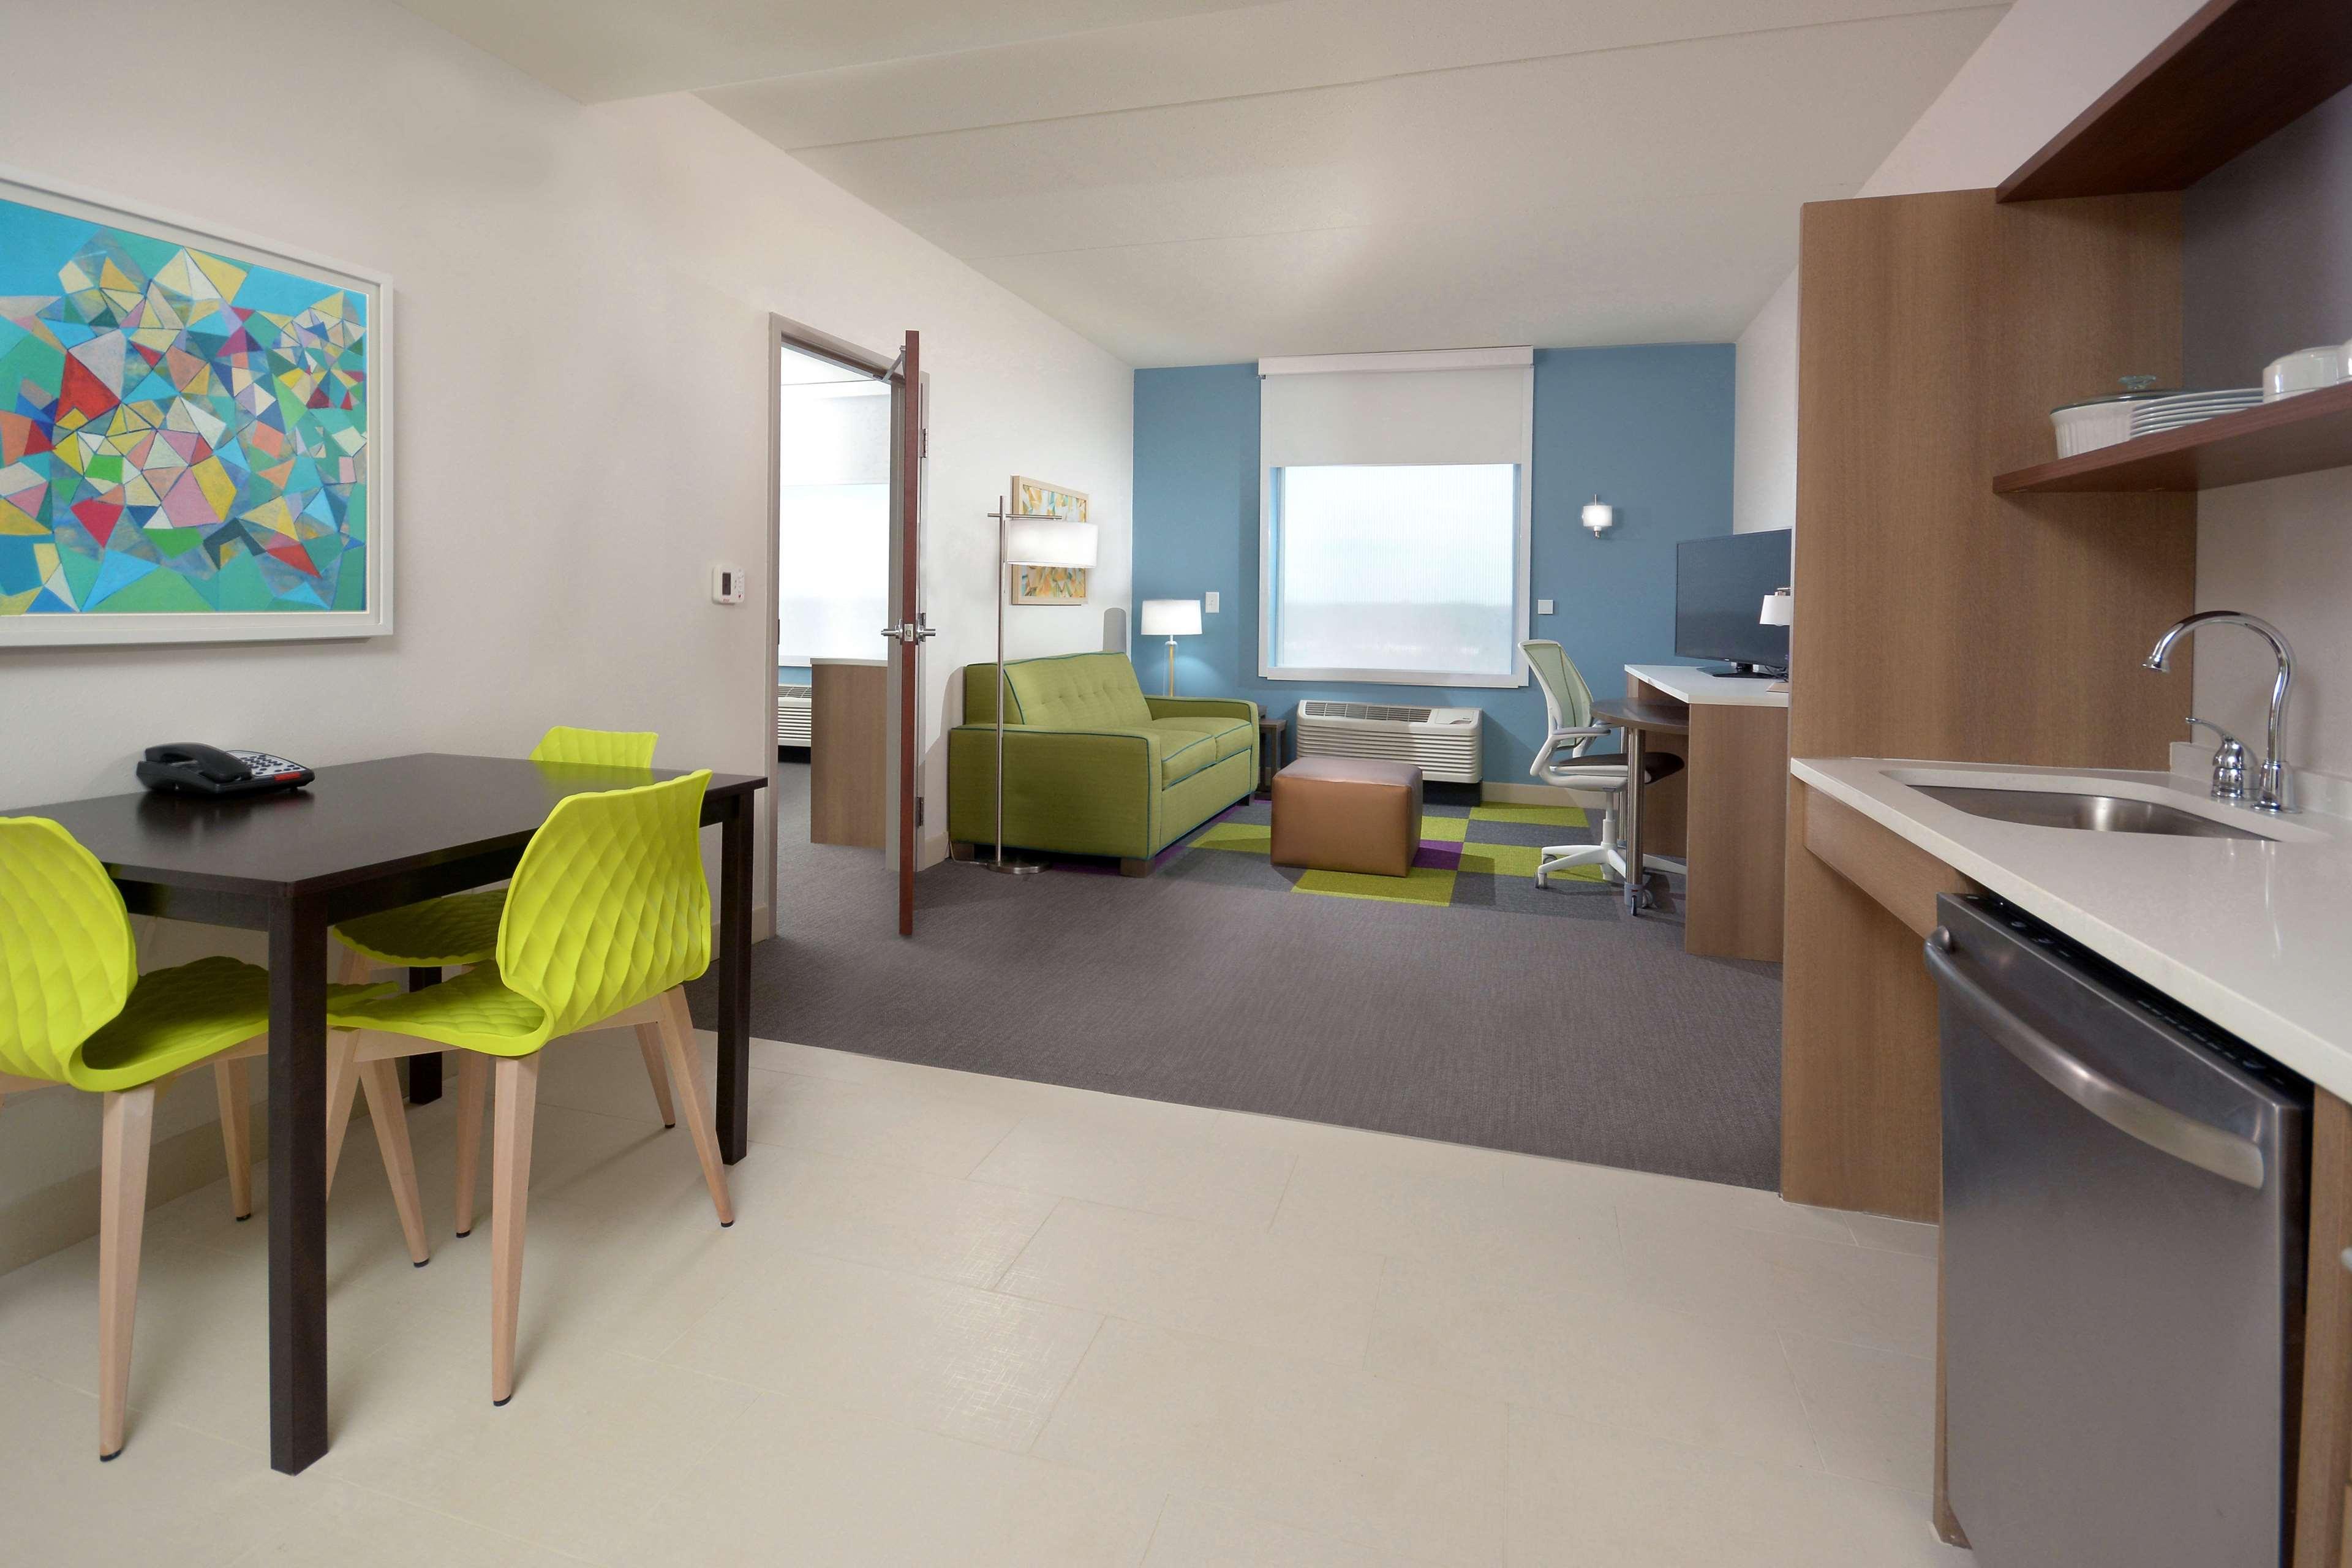 Home2 Suites by Hilton Duncan image 23